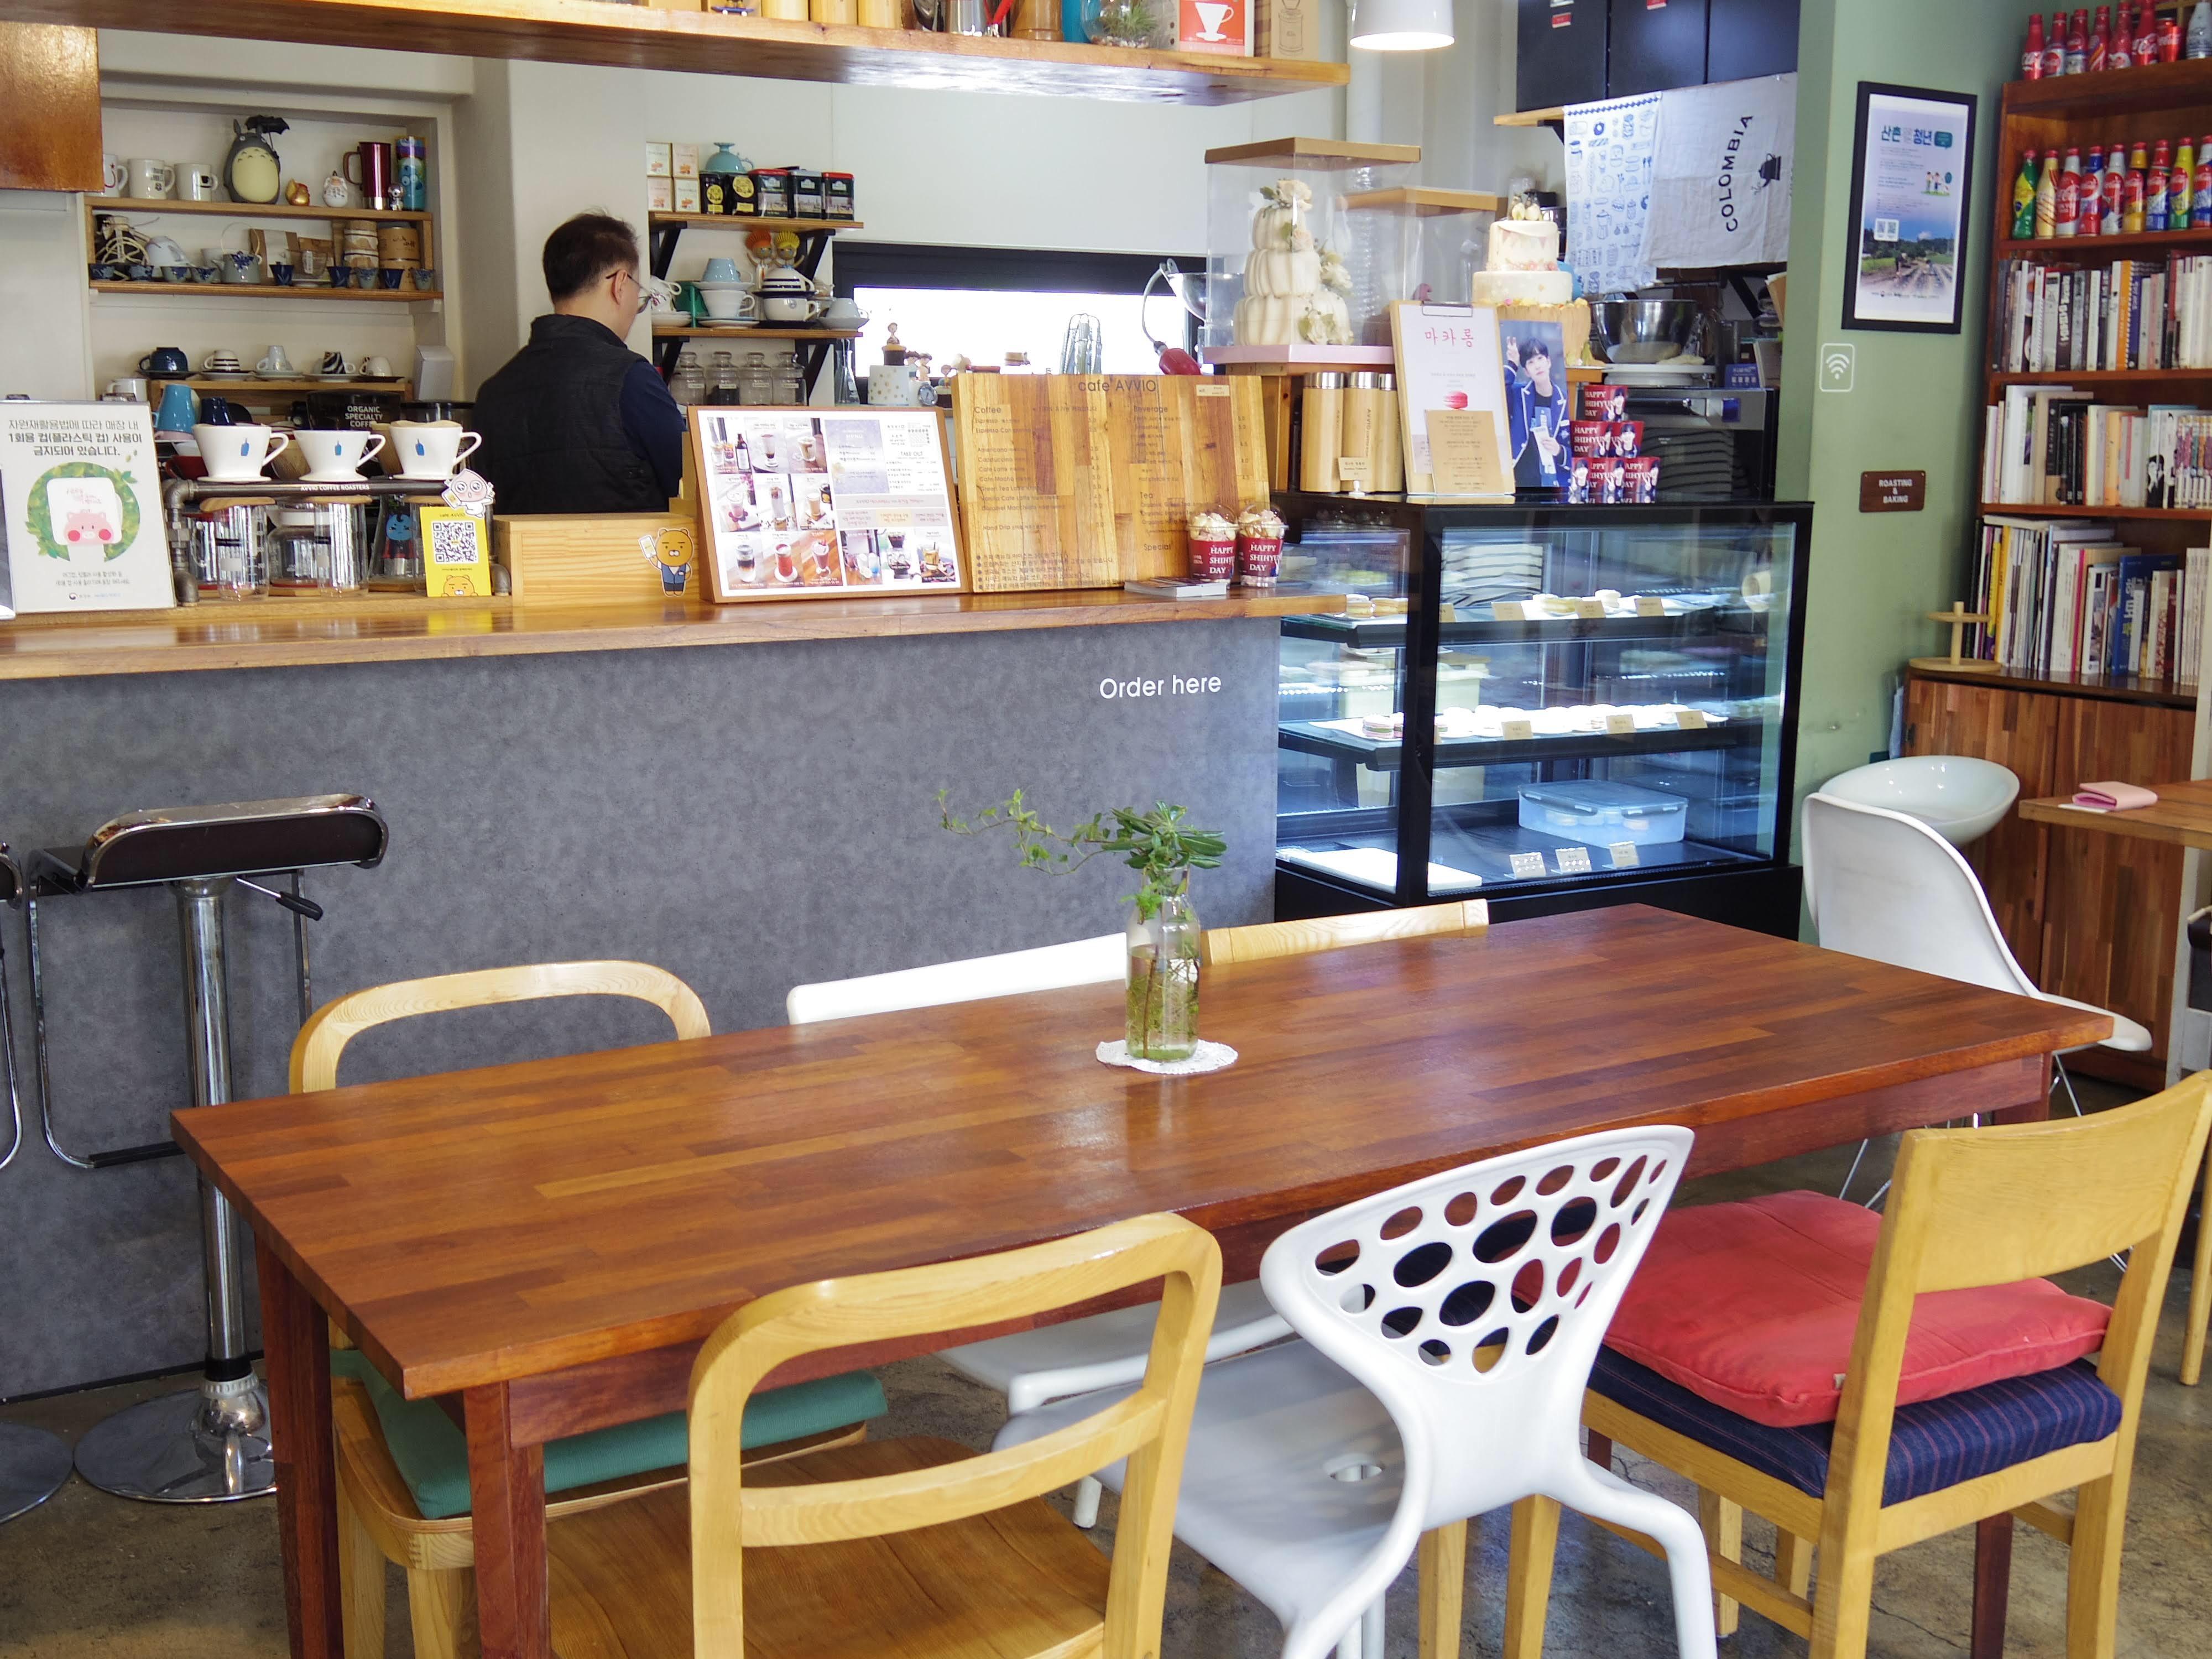 【韓国女子旅】スヌーピーのマカロンにメロメロ♡弘大(ホンデ)にあるおしゃれカフェ_7